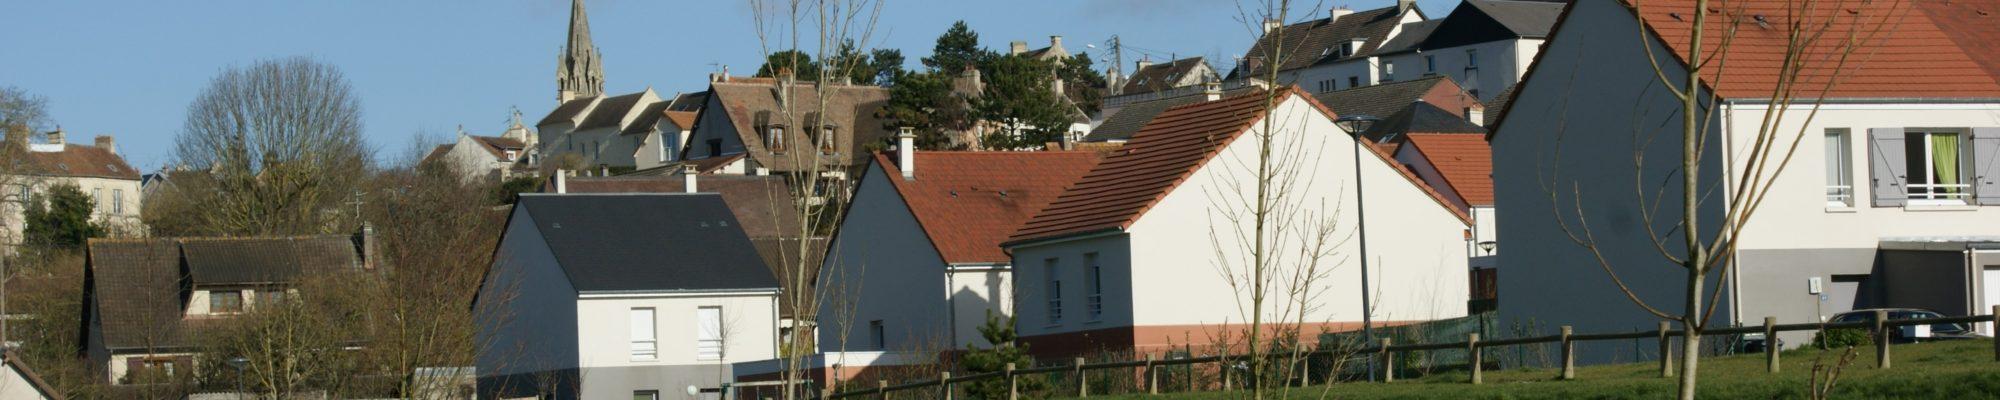 Fleury-sur-Orne | Ville solidaire, Territoire de projets